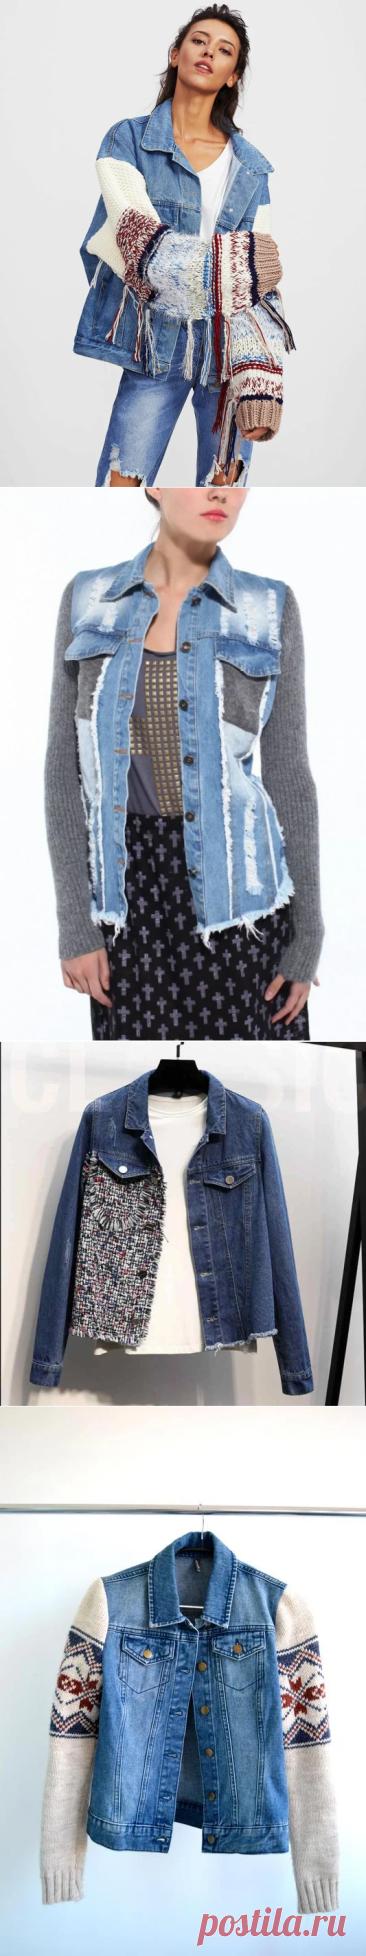 """""""Переделки"""": Из обыкновенной джинсовой куртки сделала стильную   Ваша Наташа   Яндекс Дзен"""